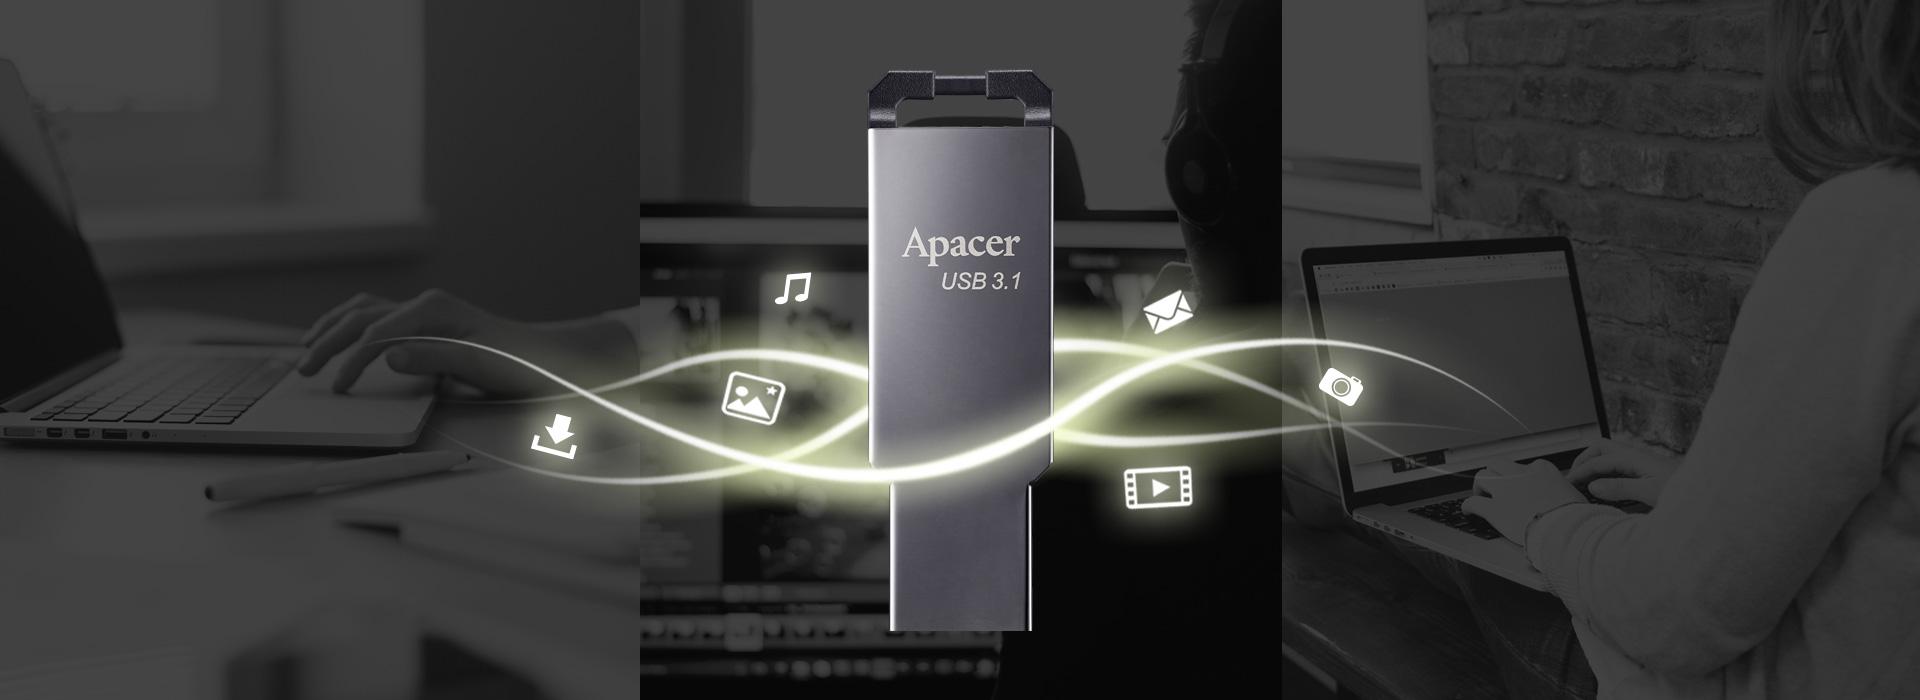 ظرفیت های مختلف Apcer Ah 310 Ah360